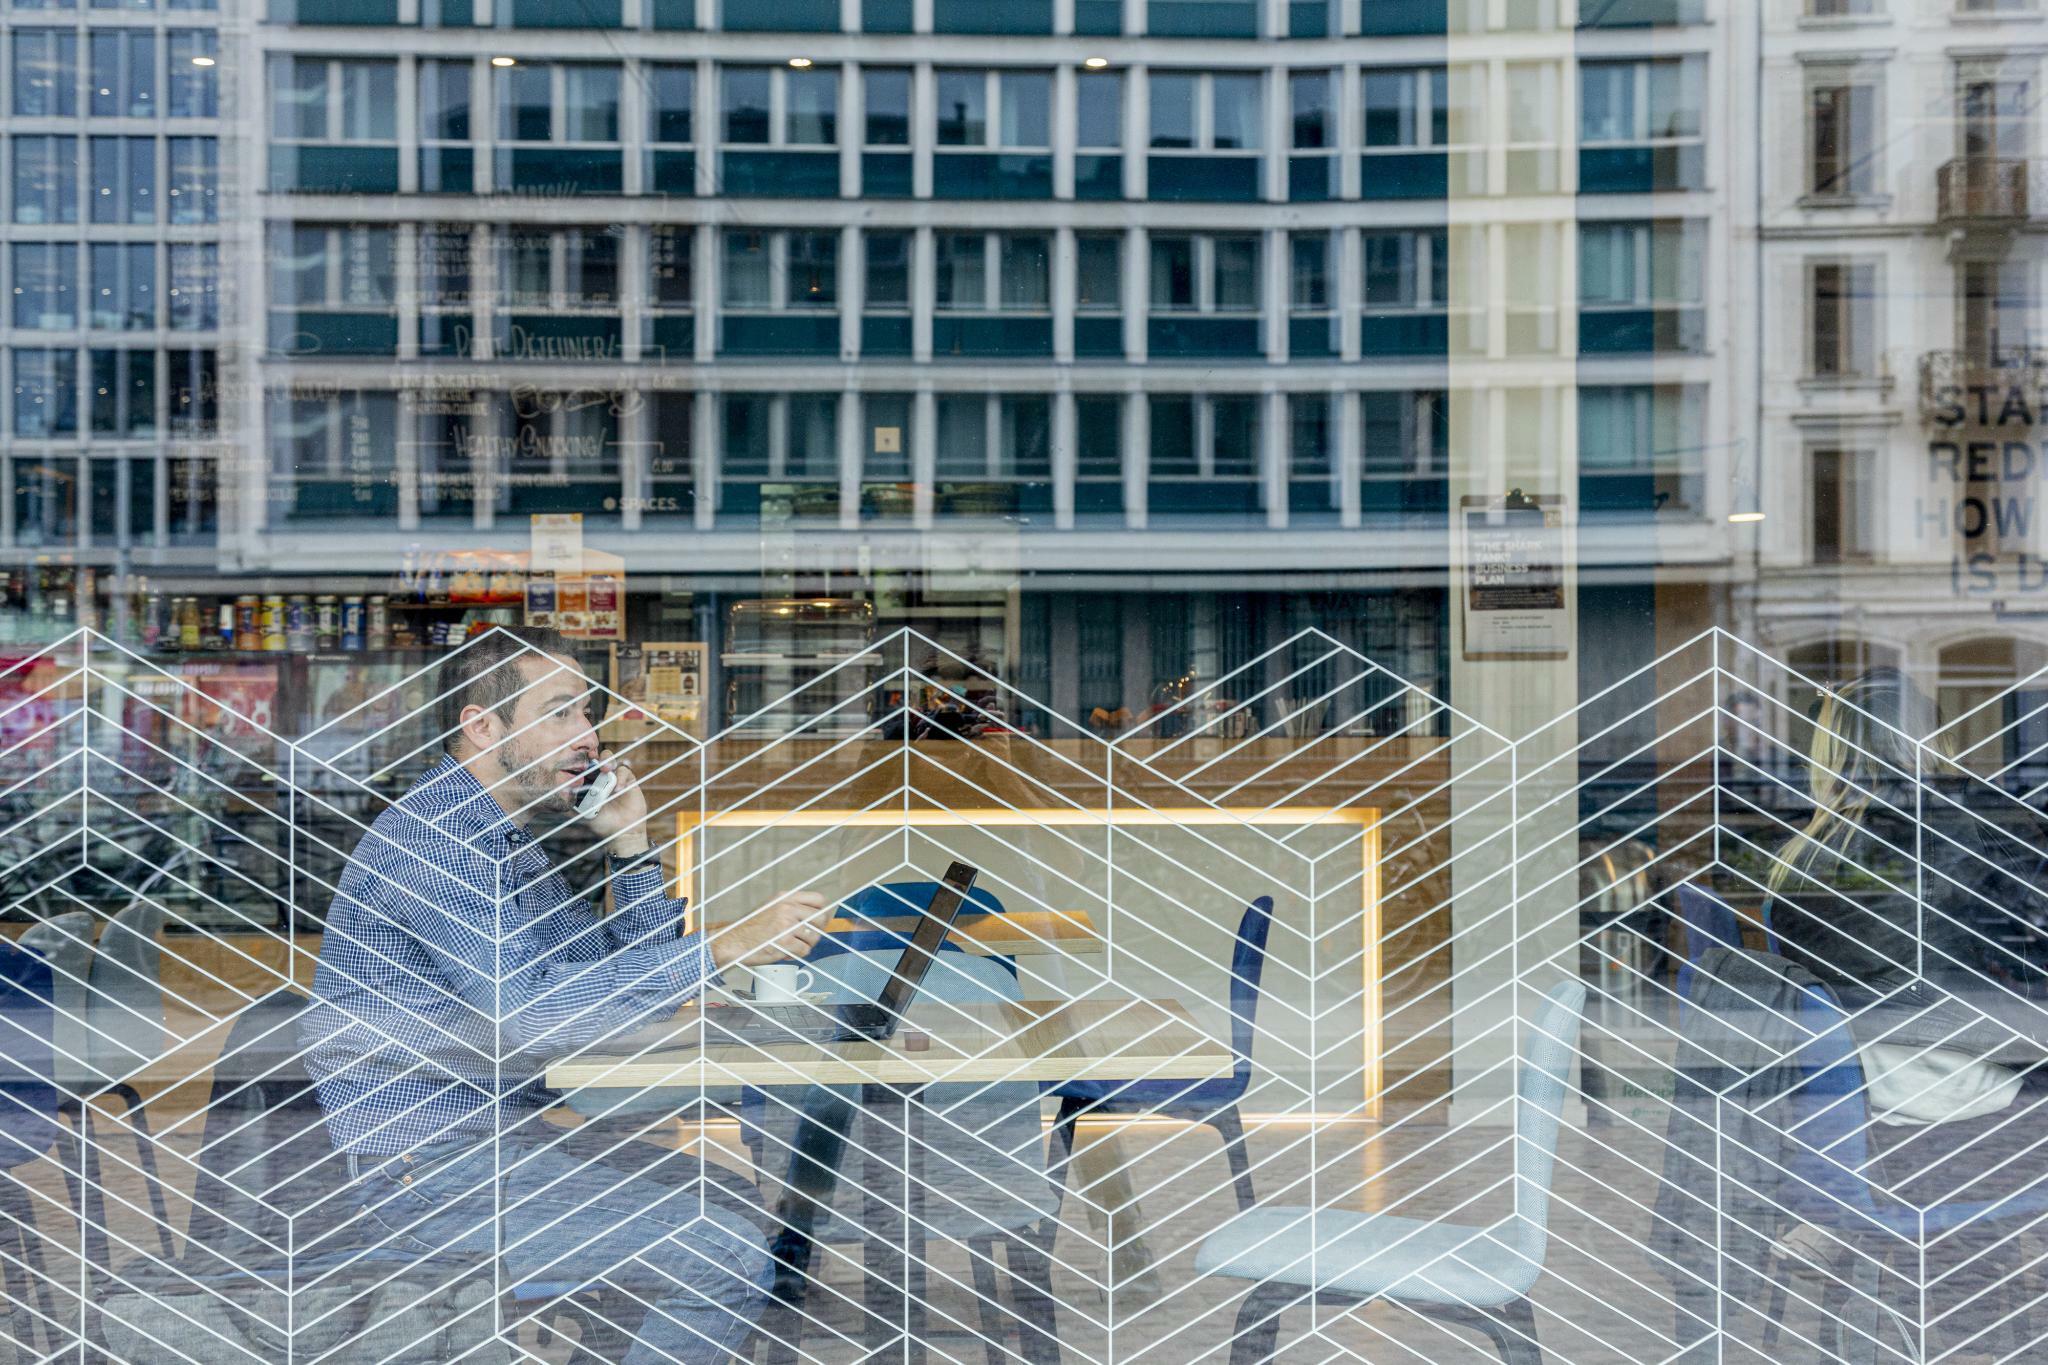 Start-up-Bestand in Deutschland weiter gewachsen